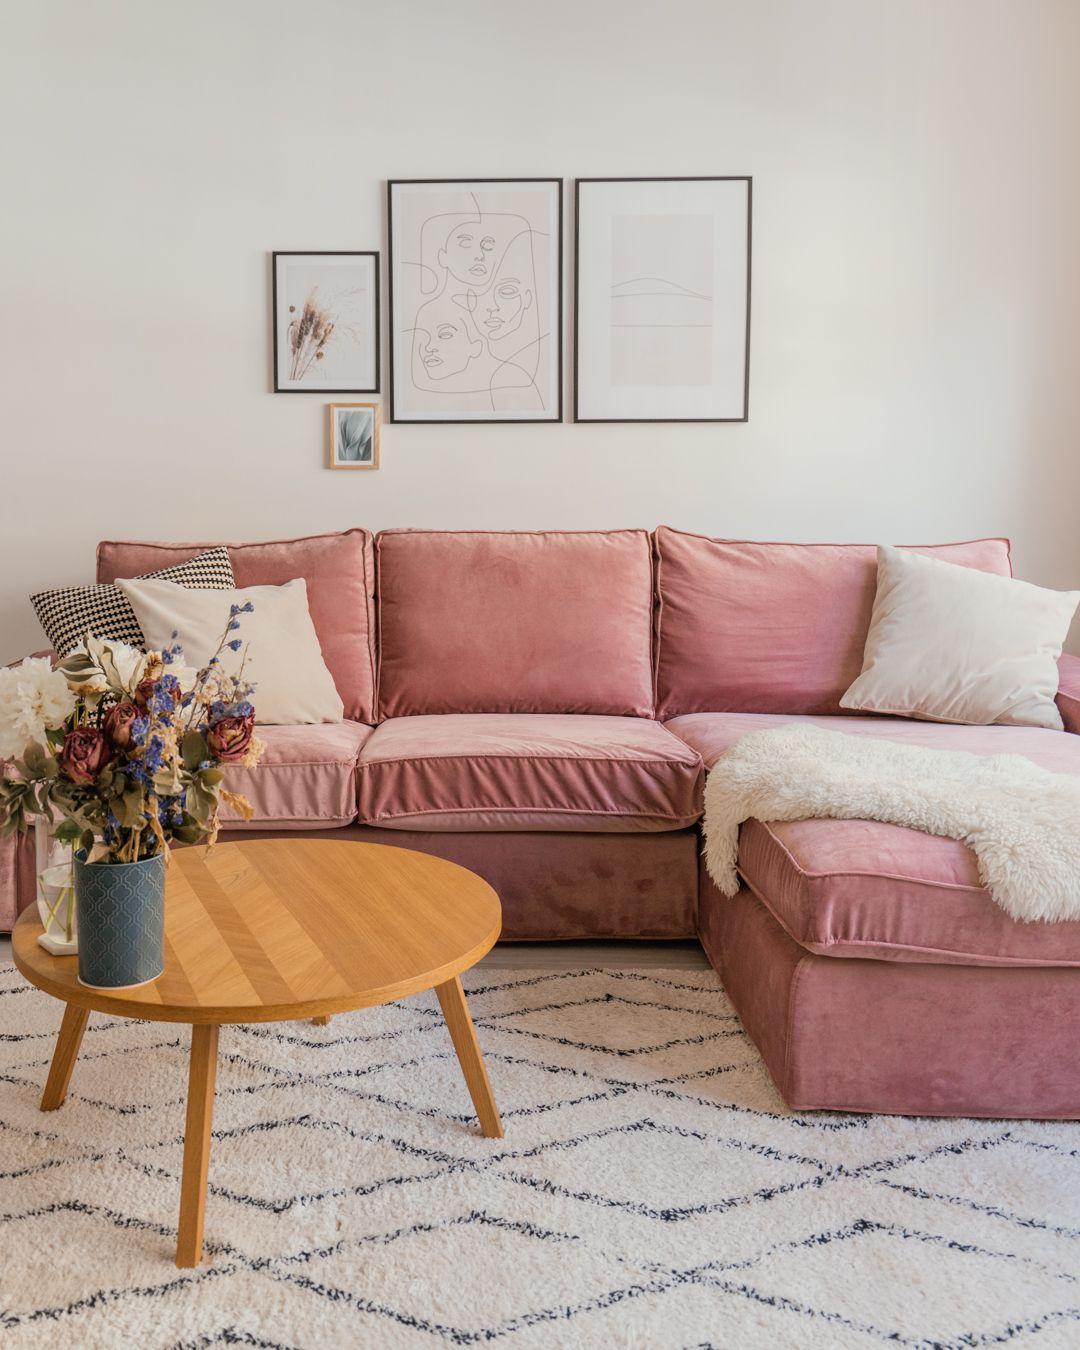 Custom Ikea Kivik Sofa Cover In Velvet Pink Fabric By Bemz Design